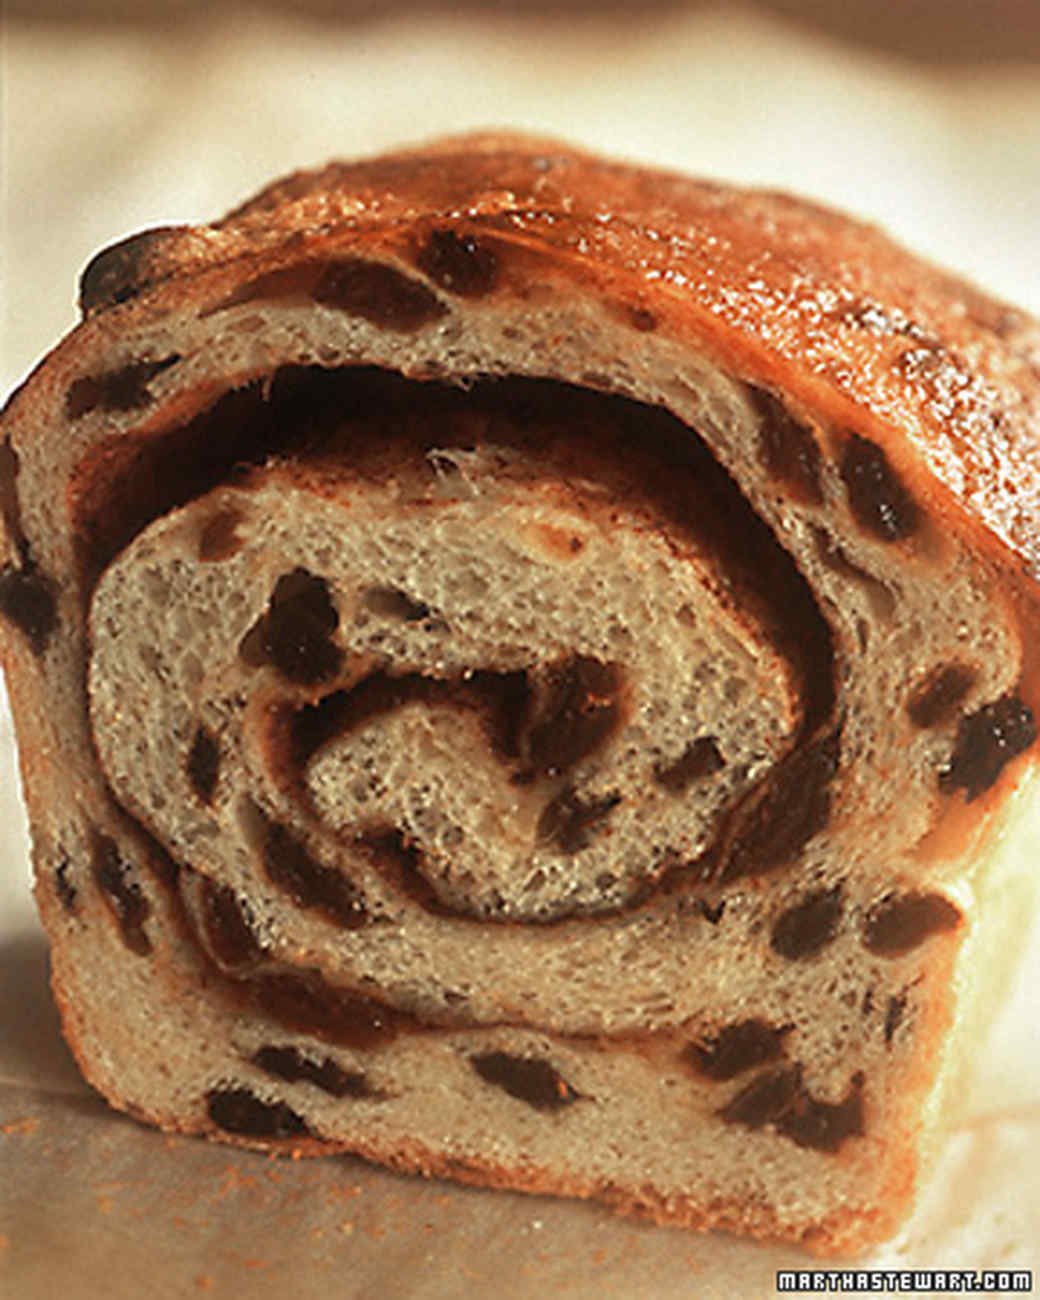 ... was a little fussy cinnamon raisin bread for cinnamon raisin bread